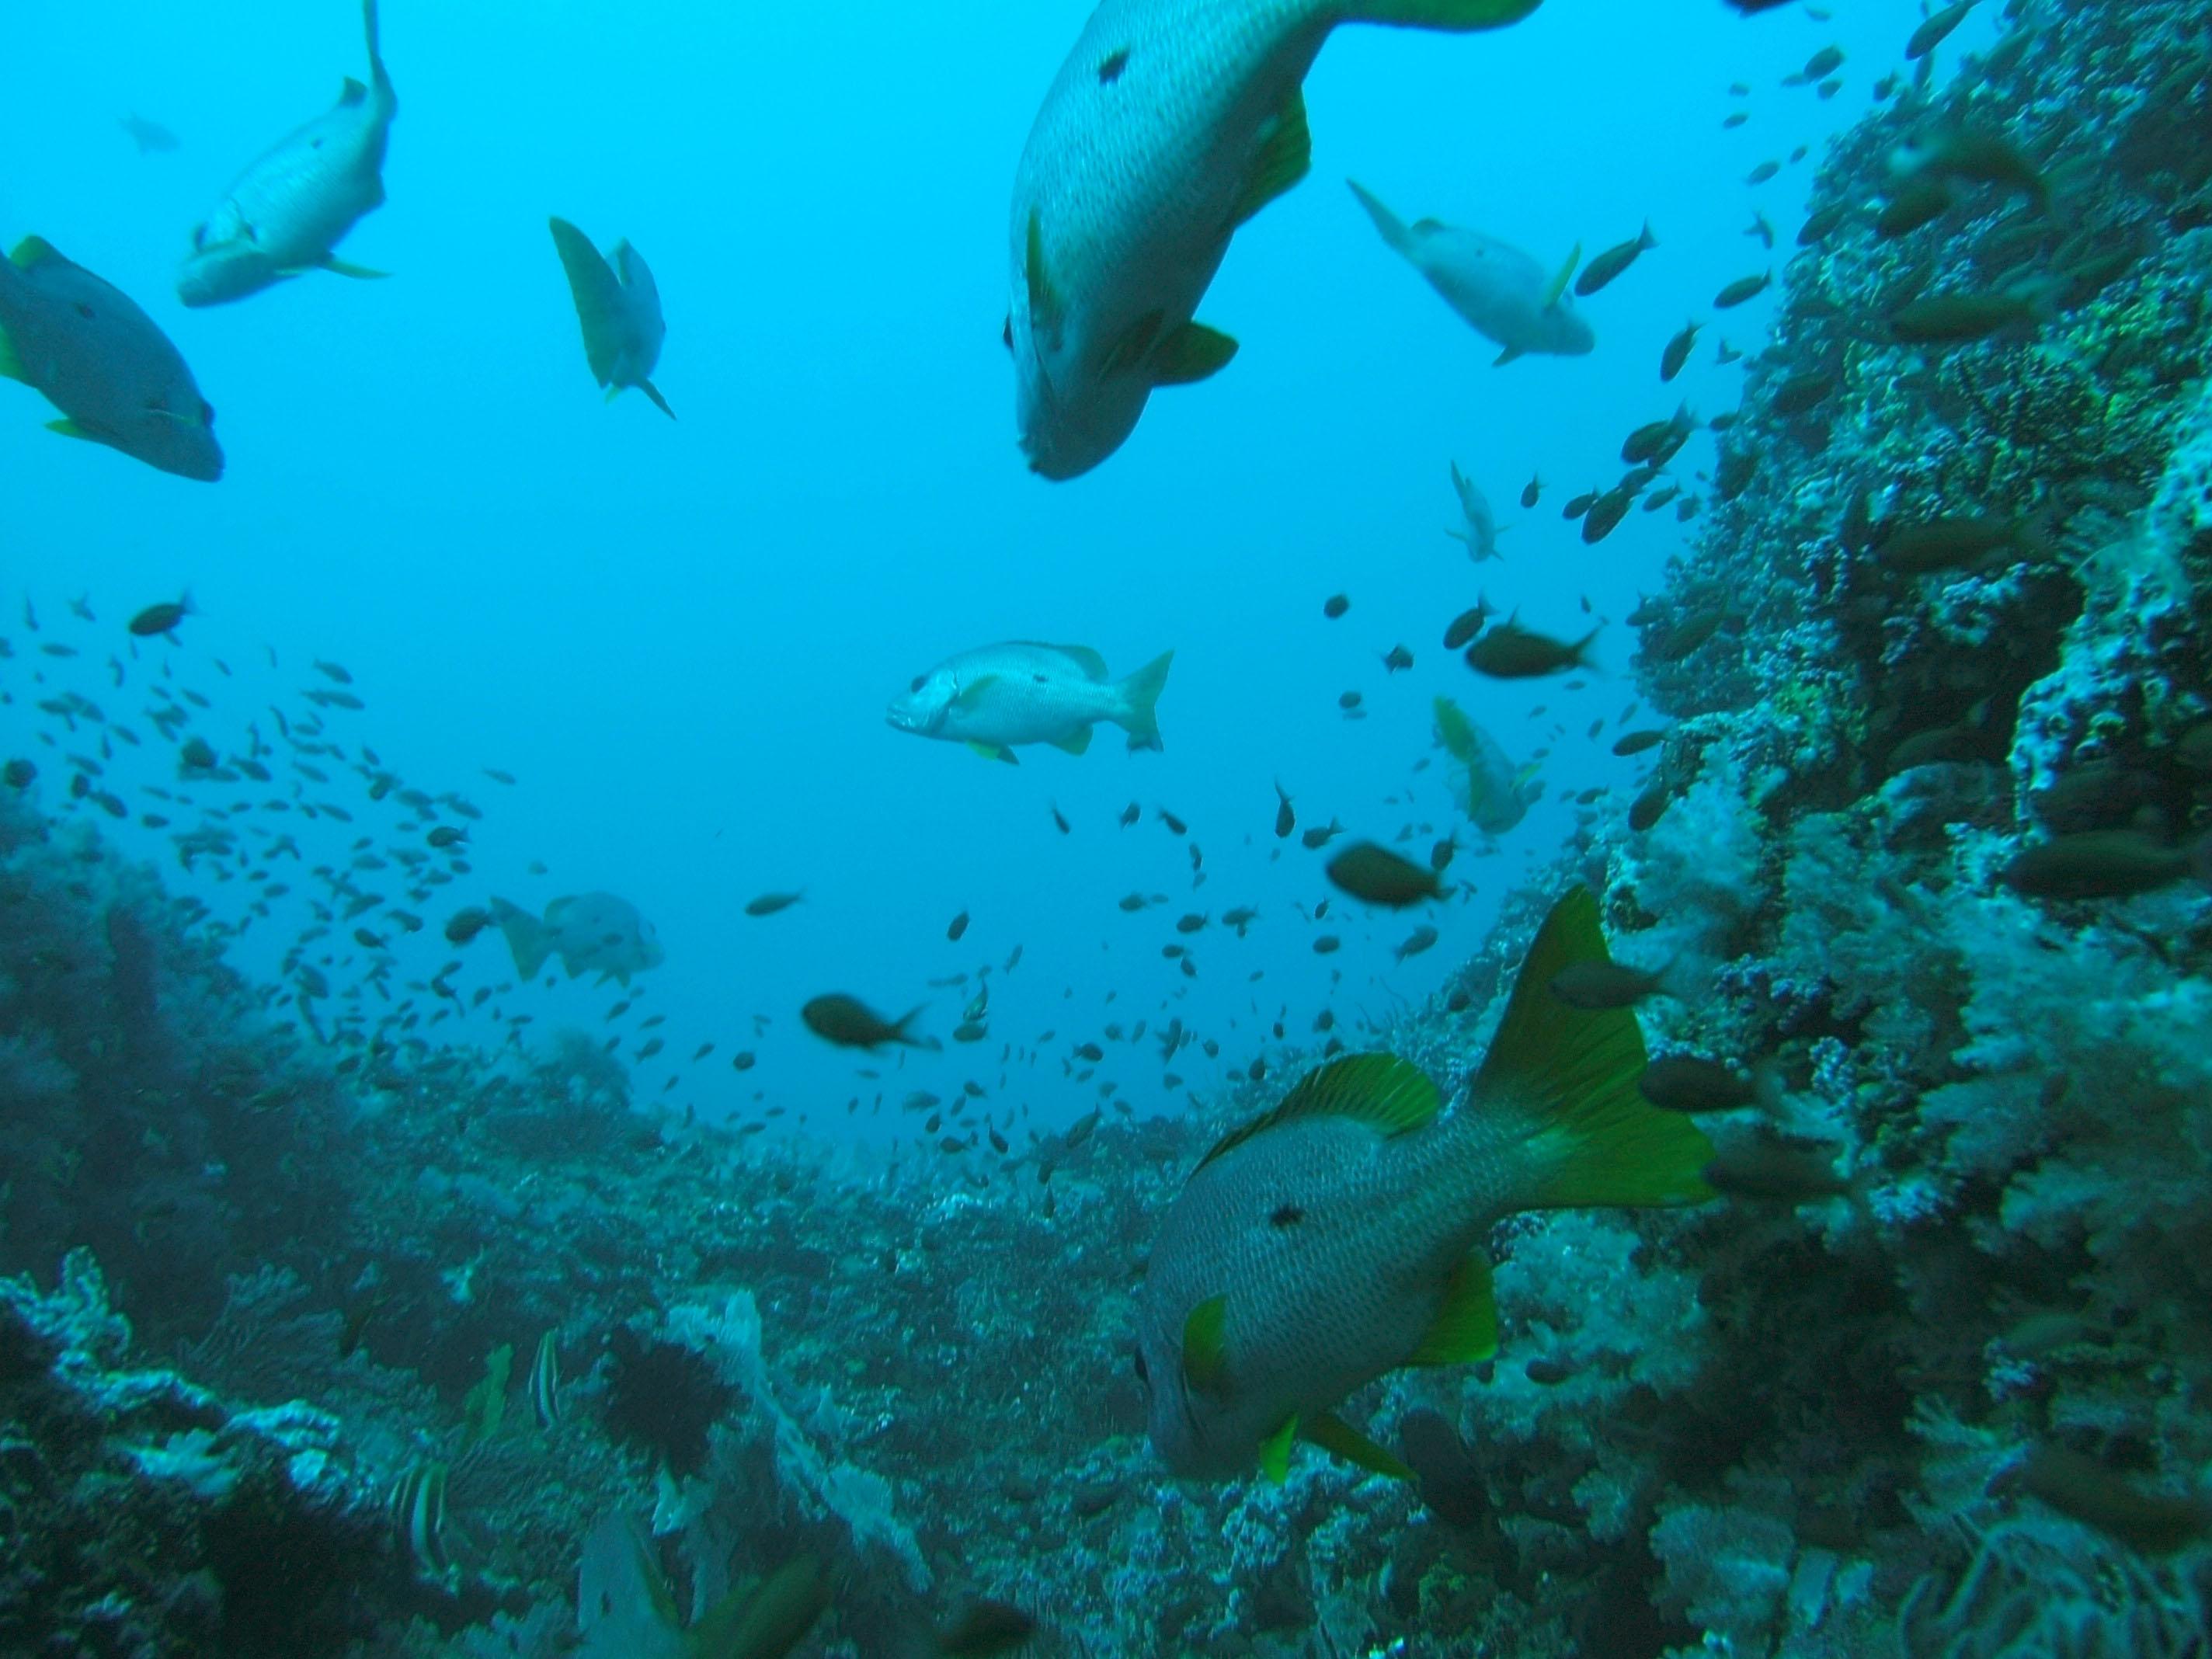 Dive 17 Philippines Mindoro Sabang Fish Bowl Oct 2005 12